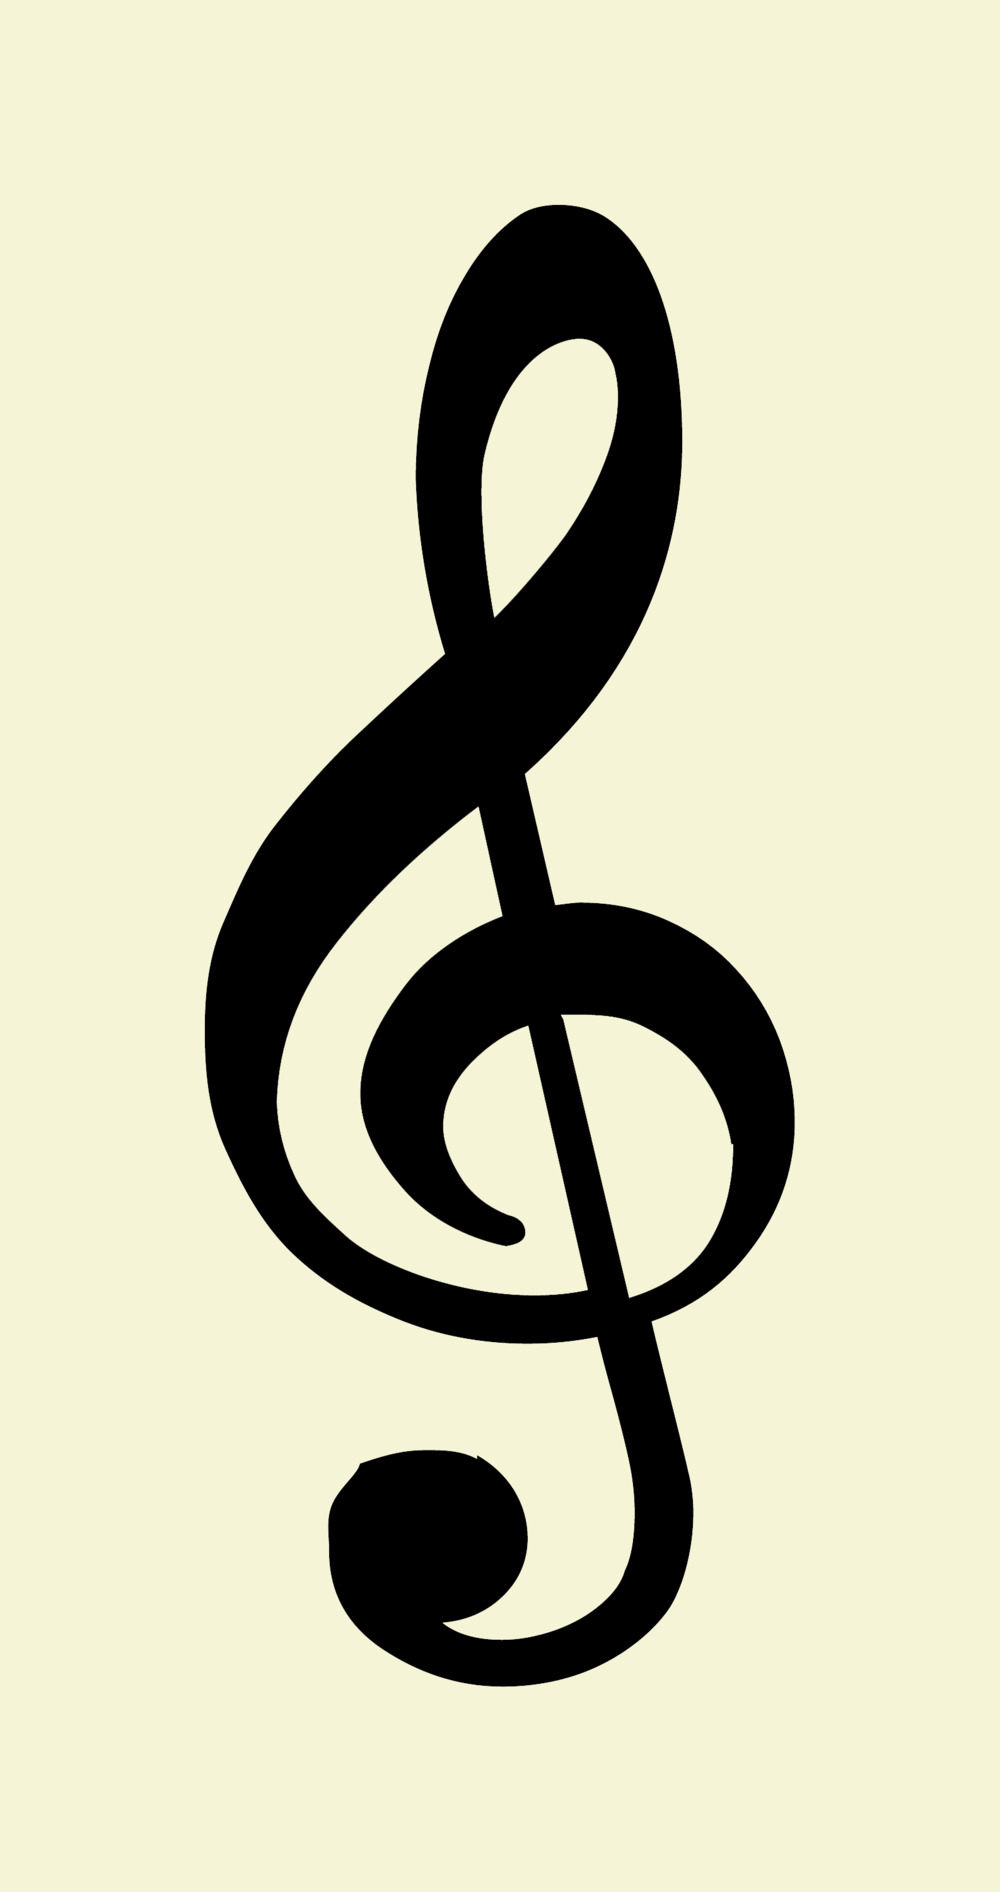 Royaltybetaling aan rechthebbenden van muziekwerken